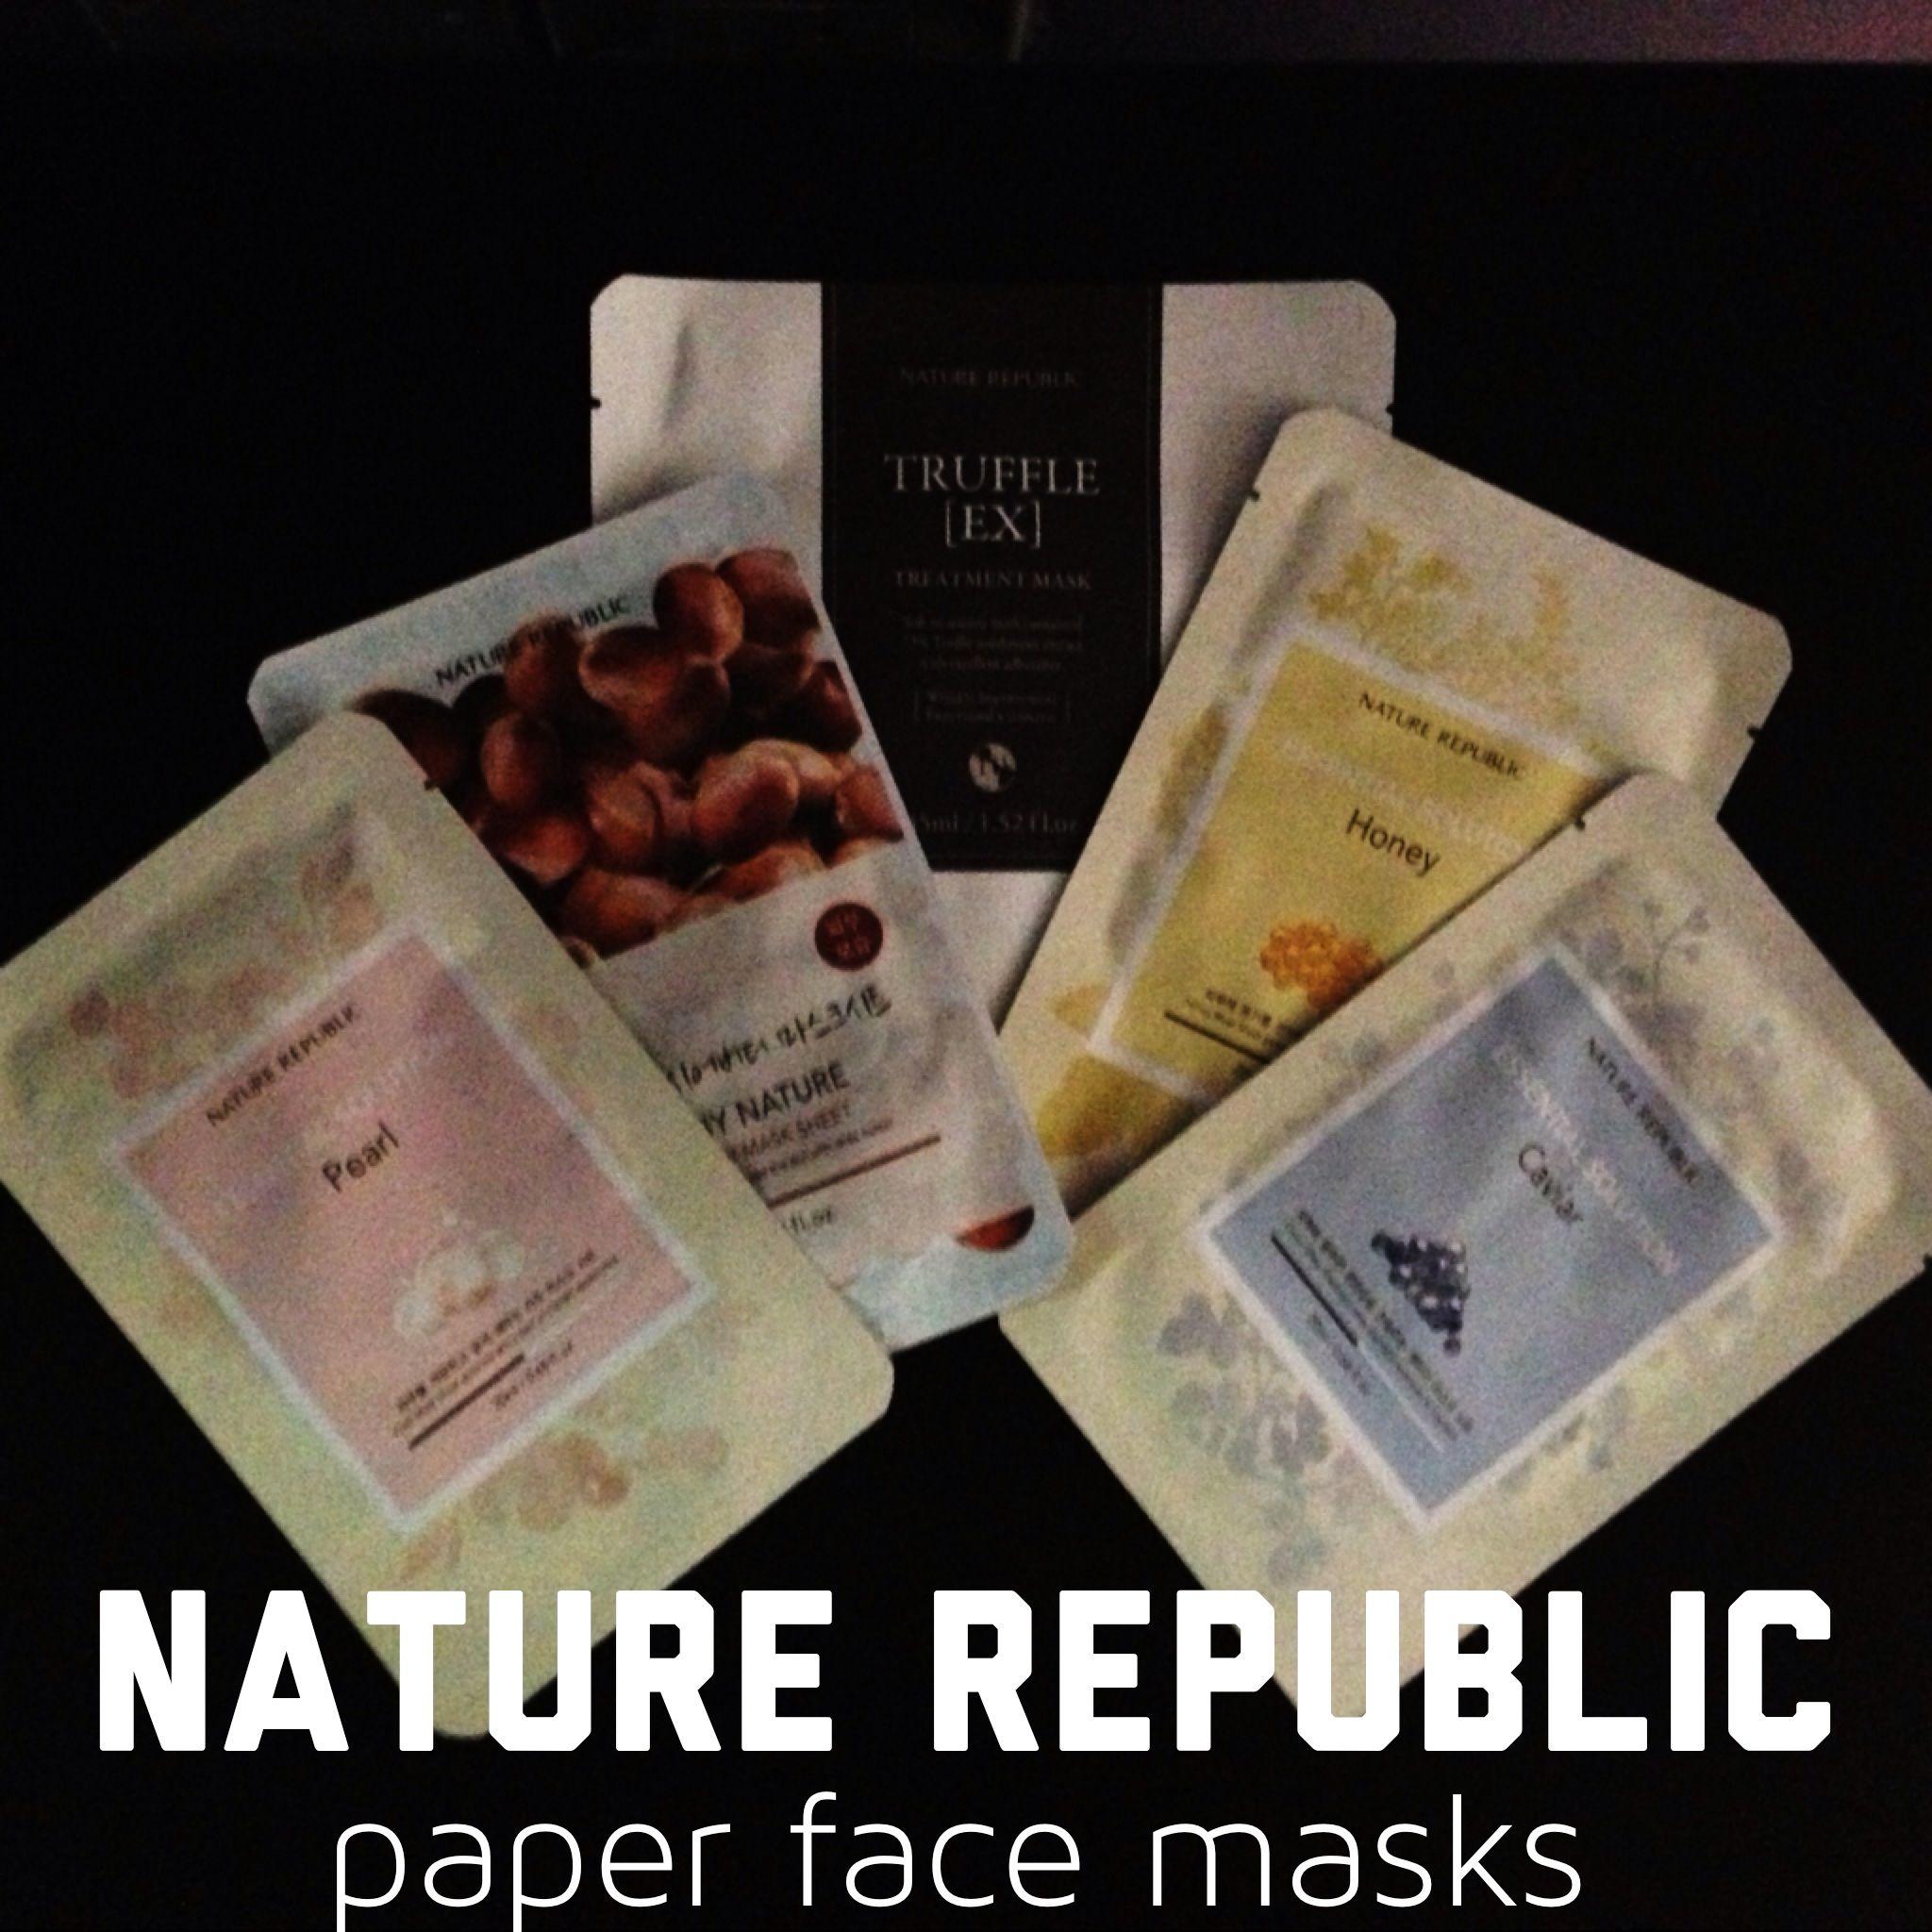 gettin' paper. #koreanskincare #koreanfacemask #facemask #skincare #skin #papermask. DIVAlicious